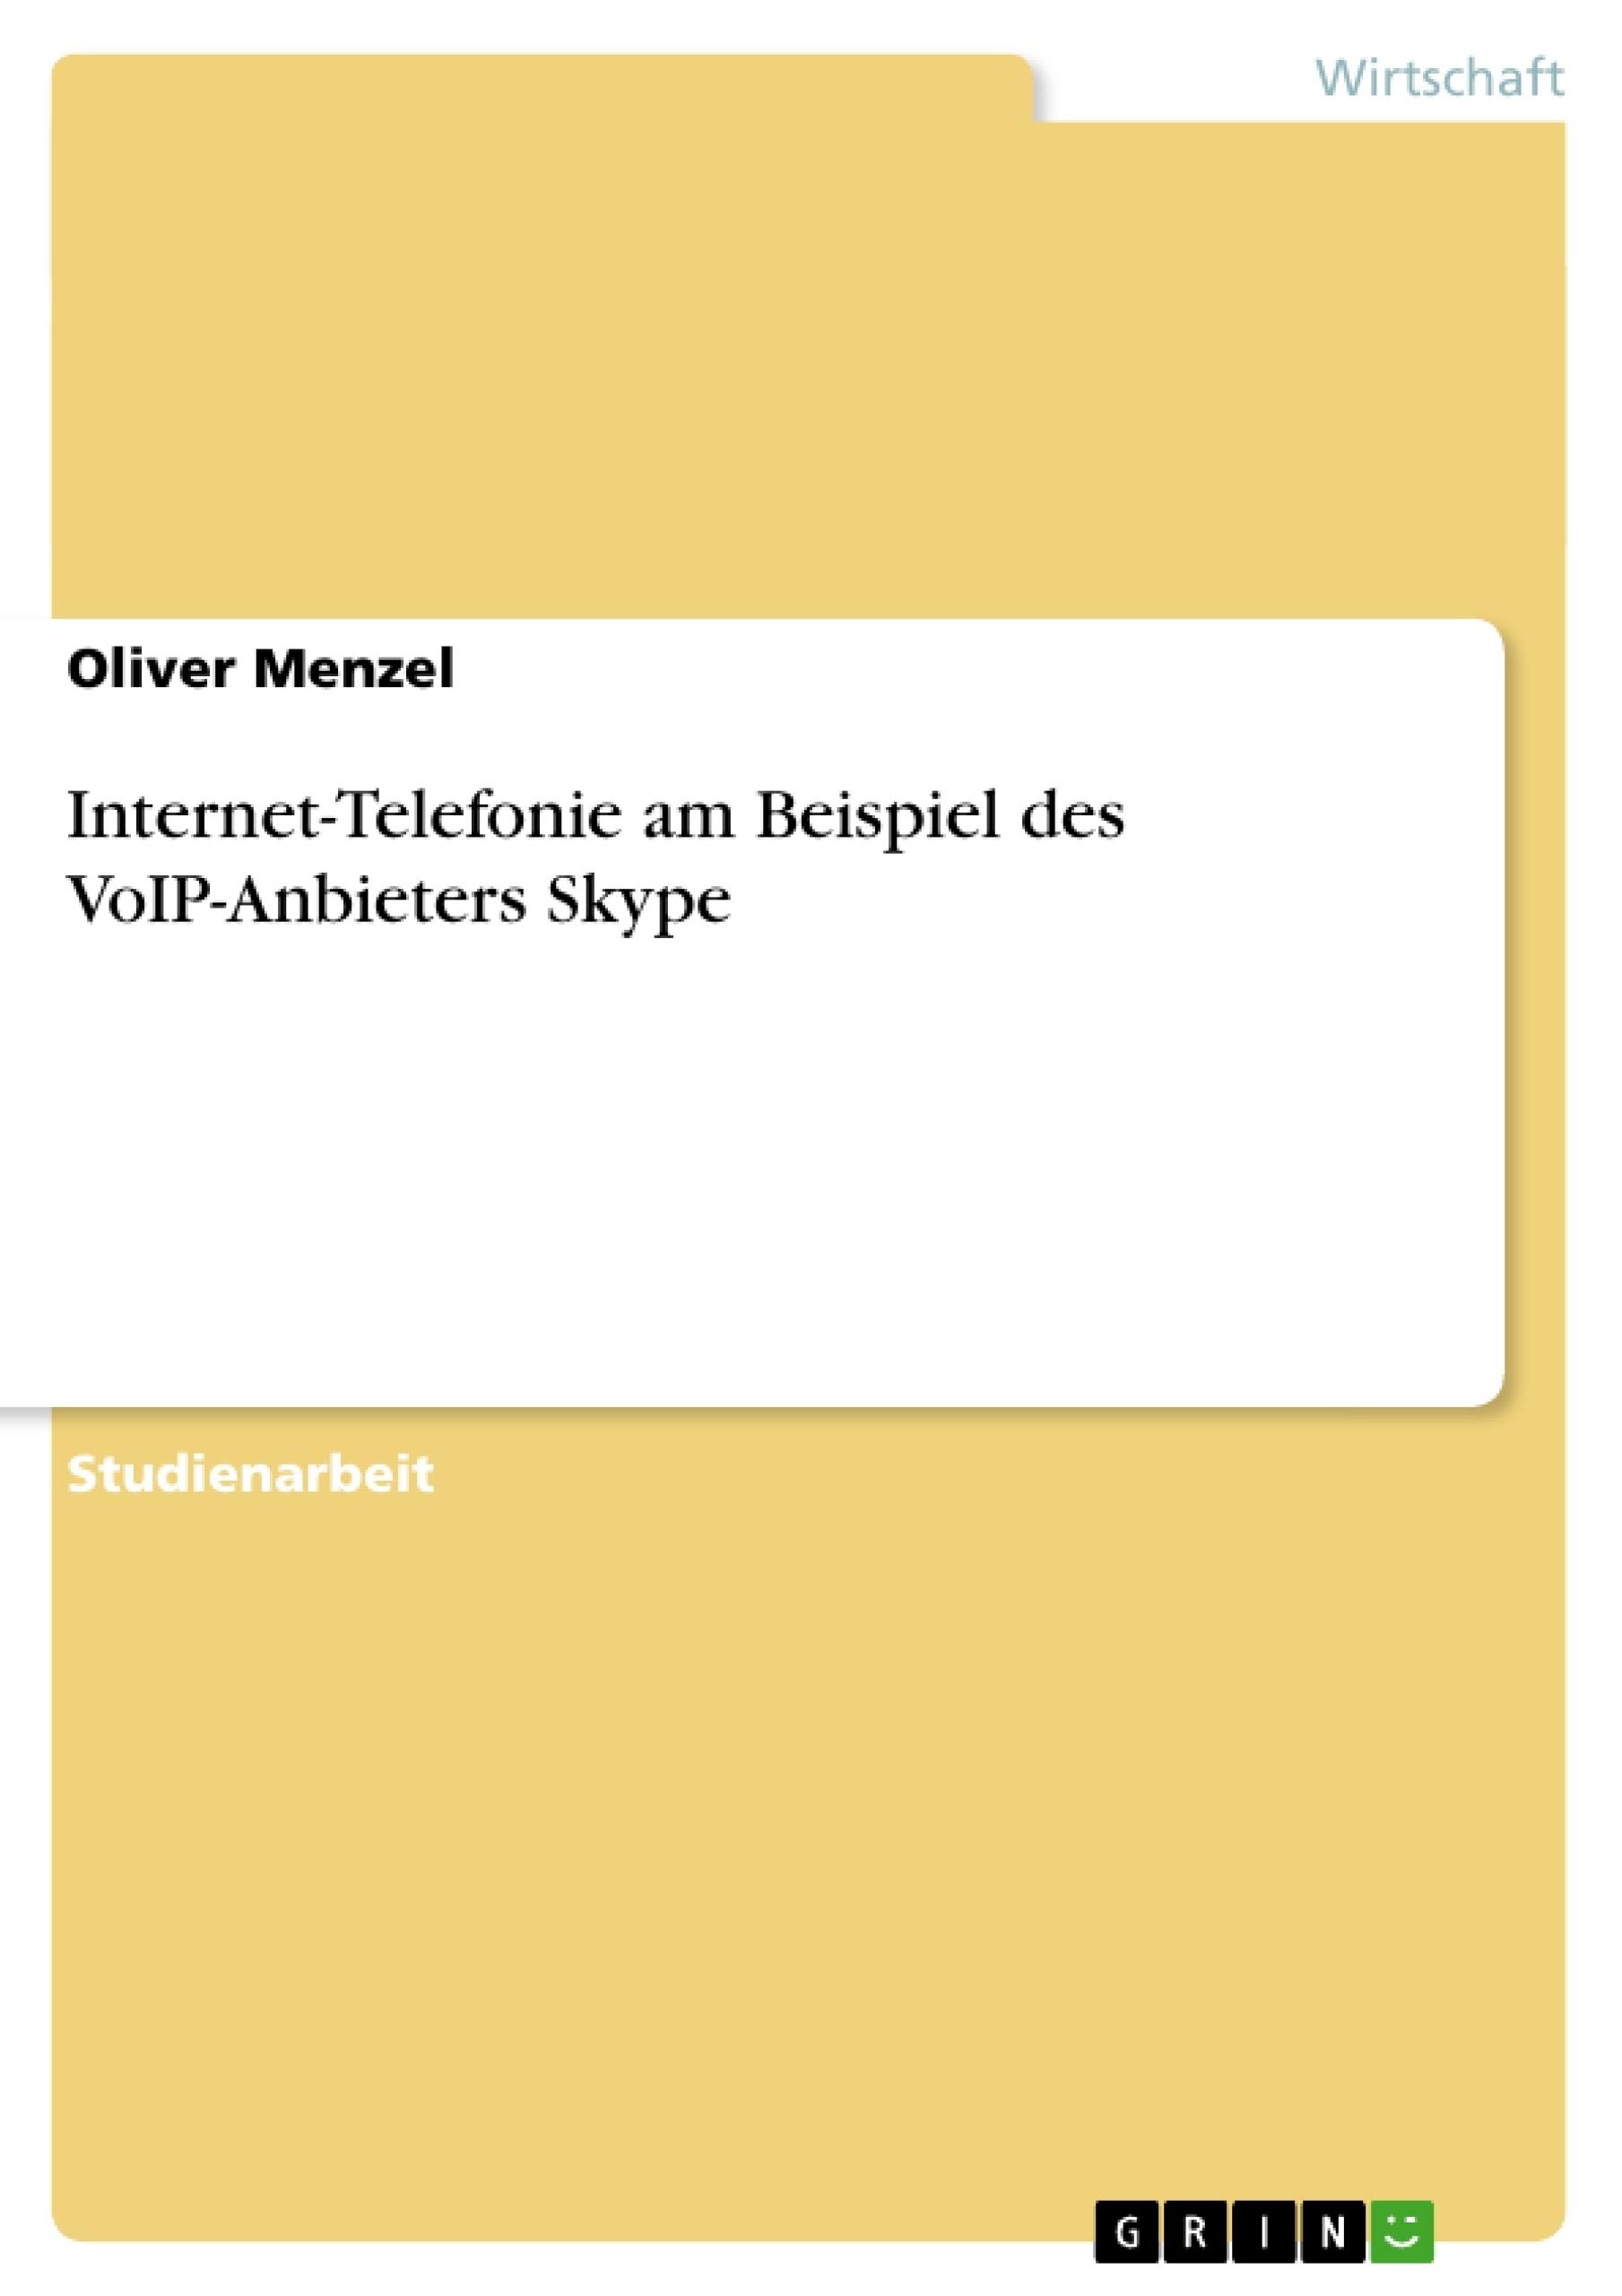 Titel: Internet-Telefonie am Beispiel des VoIP-Anbieters Skype